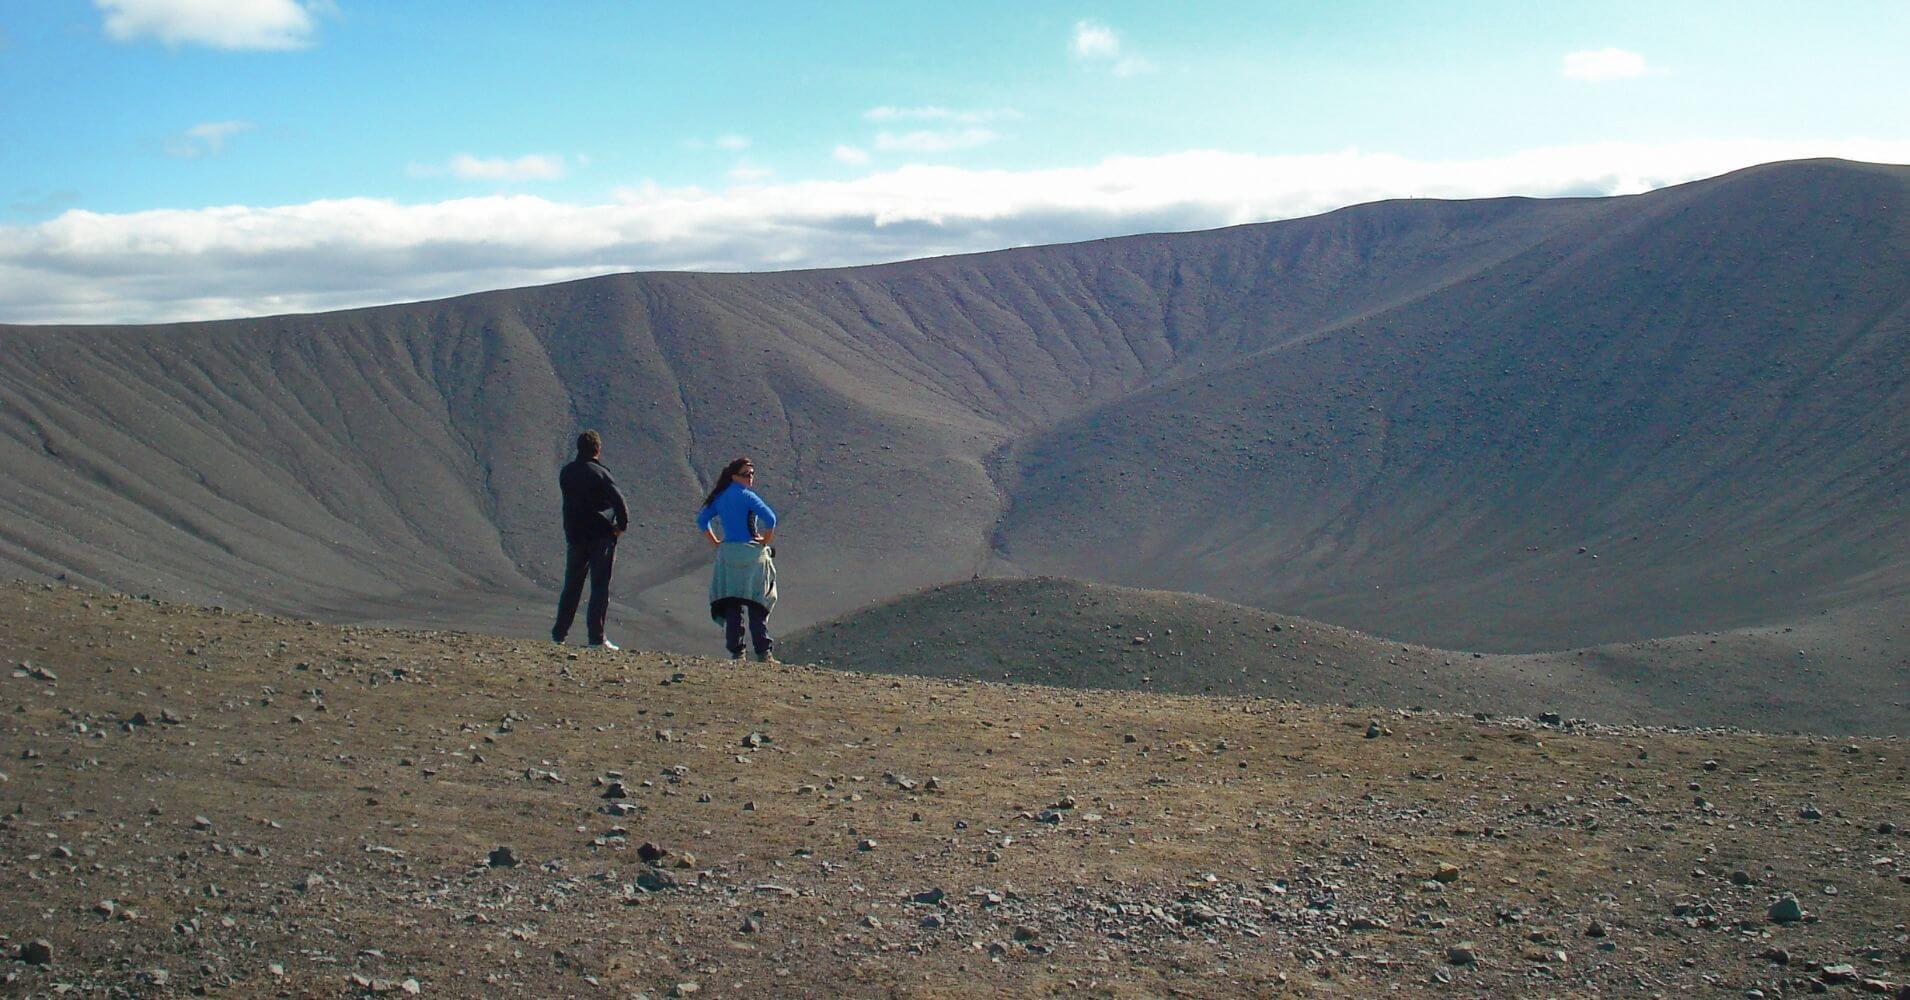 Cráter del Volcán Hverfjall. Lago Mývatn, Norte de Islandia.